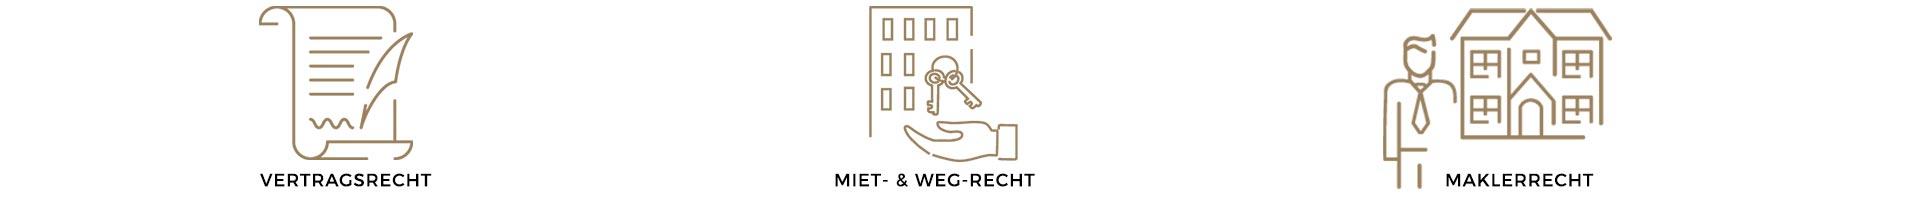 Rechtsgebiete Rechtsanwalt Nürnberg.